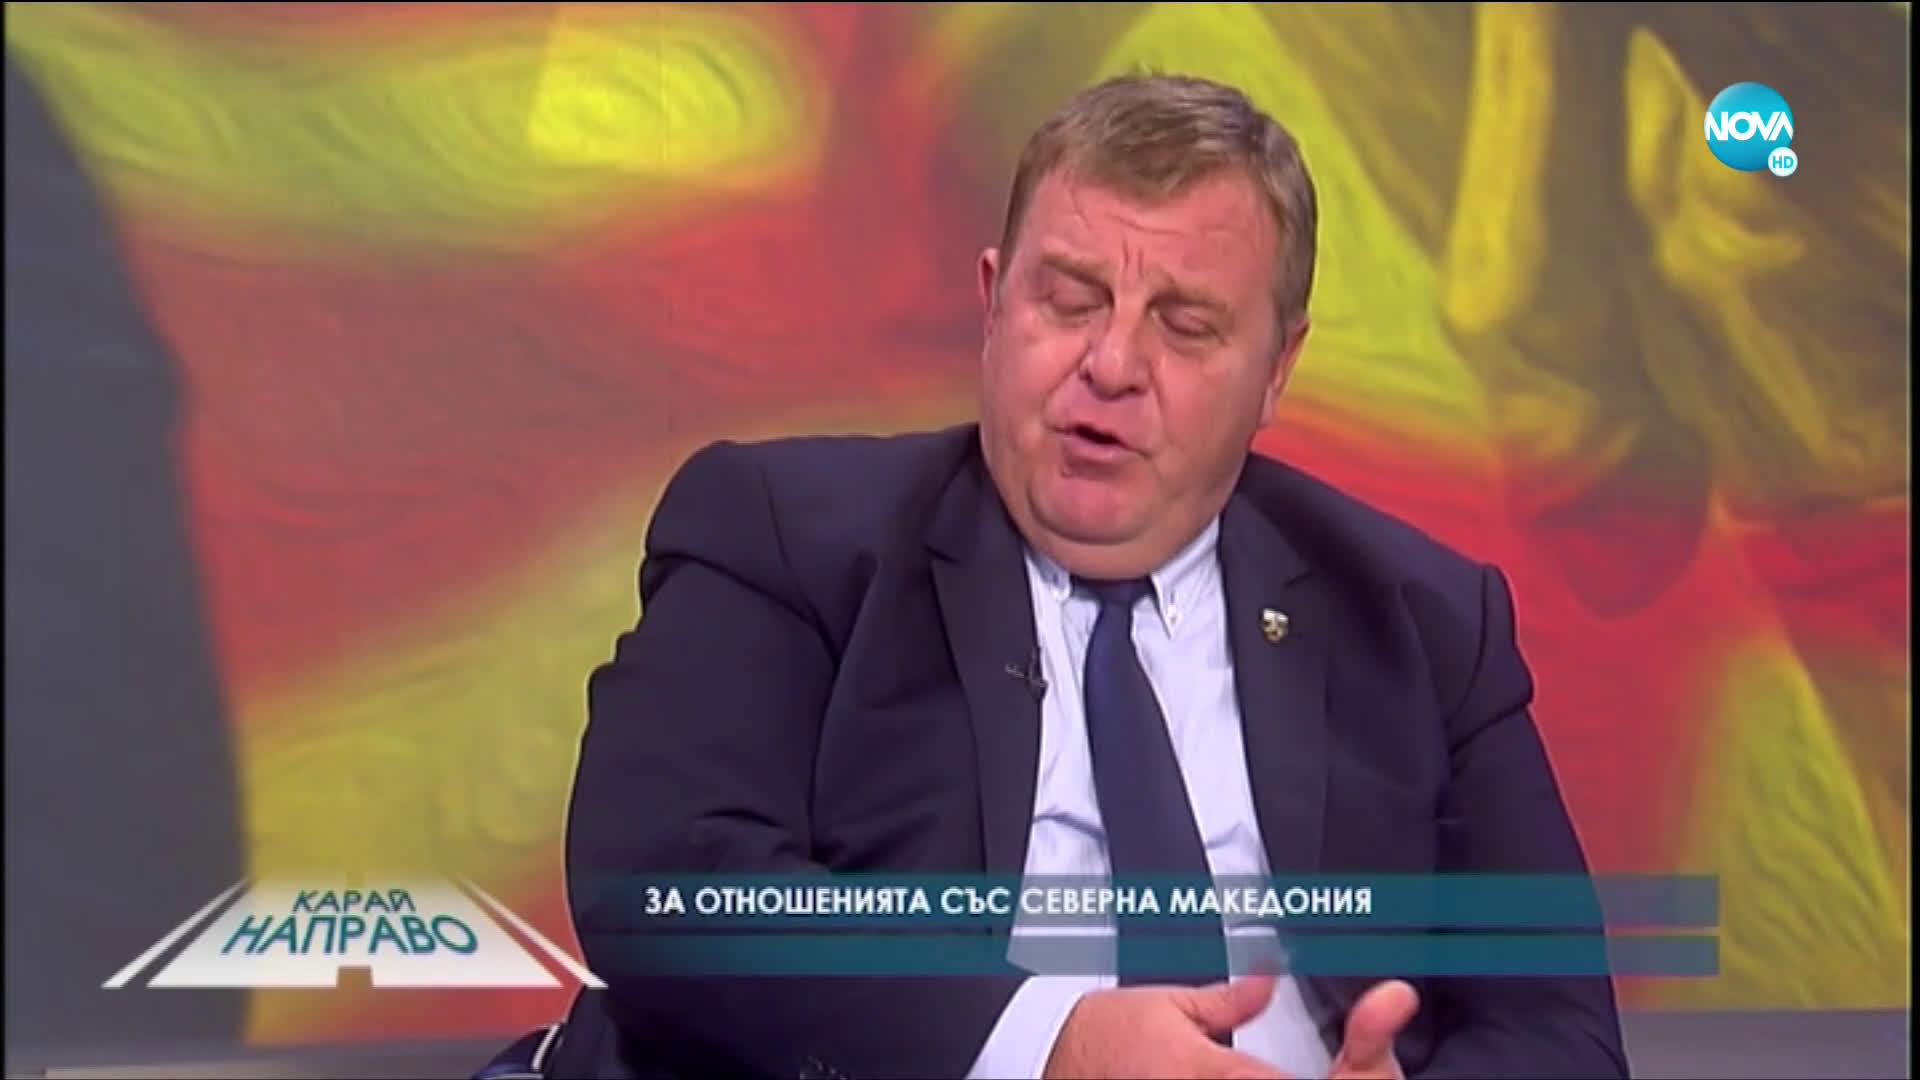 """""""Карай направо"""" с Красимир Каракачанов (17.10.2020)"""